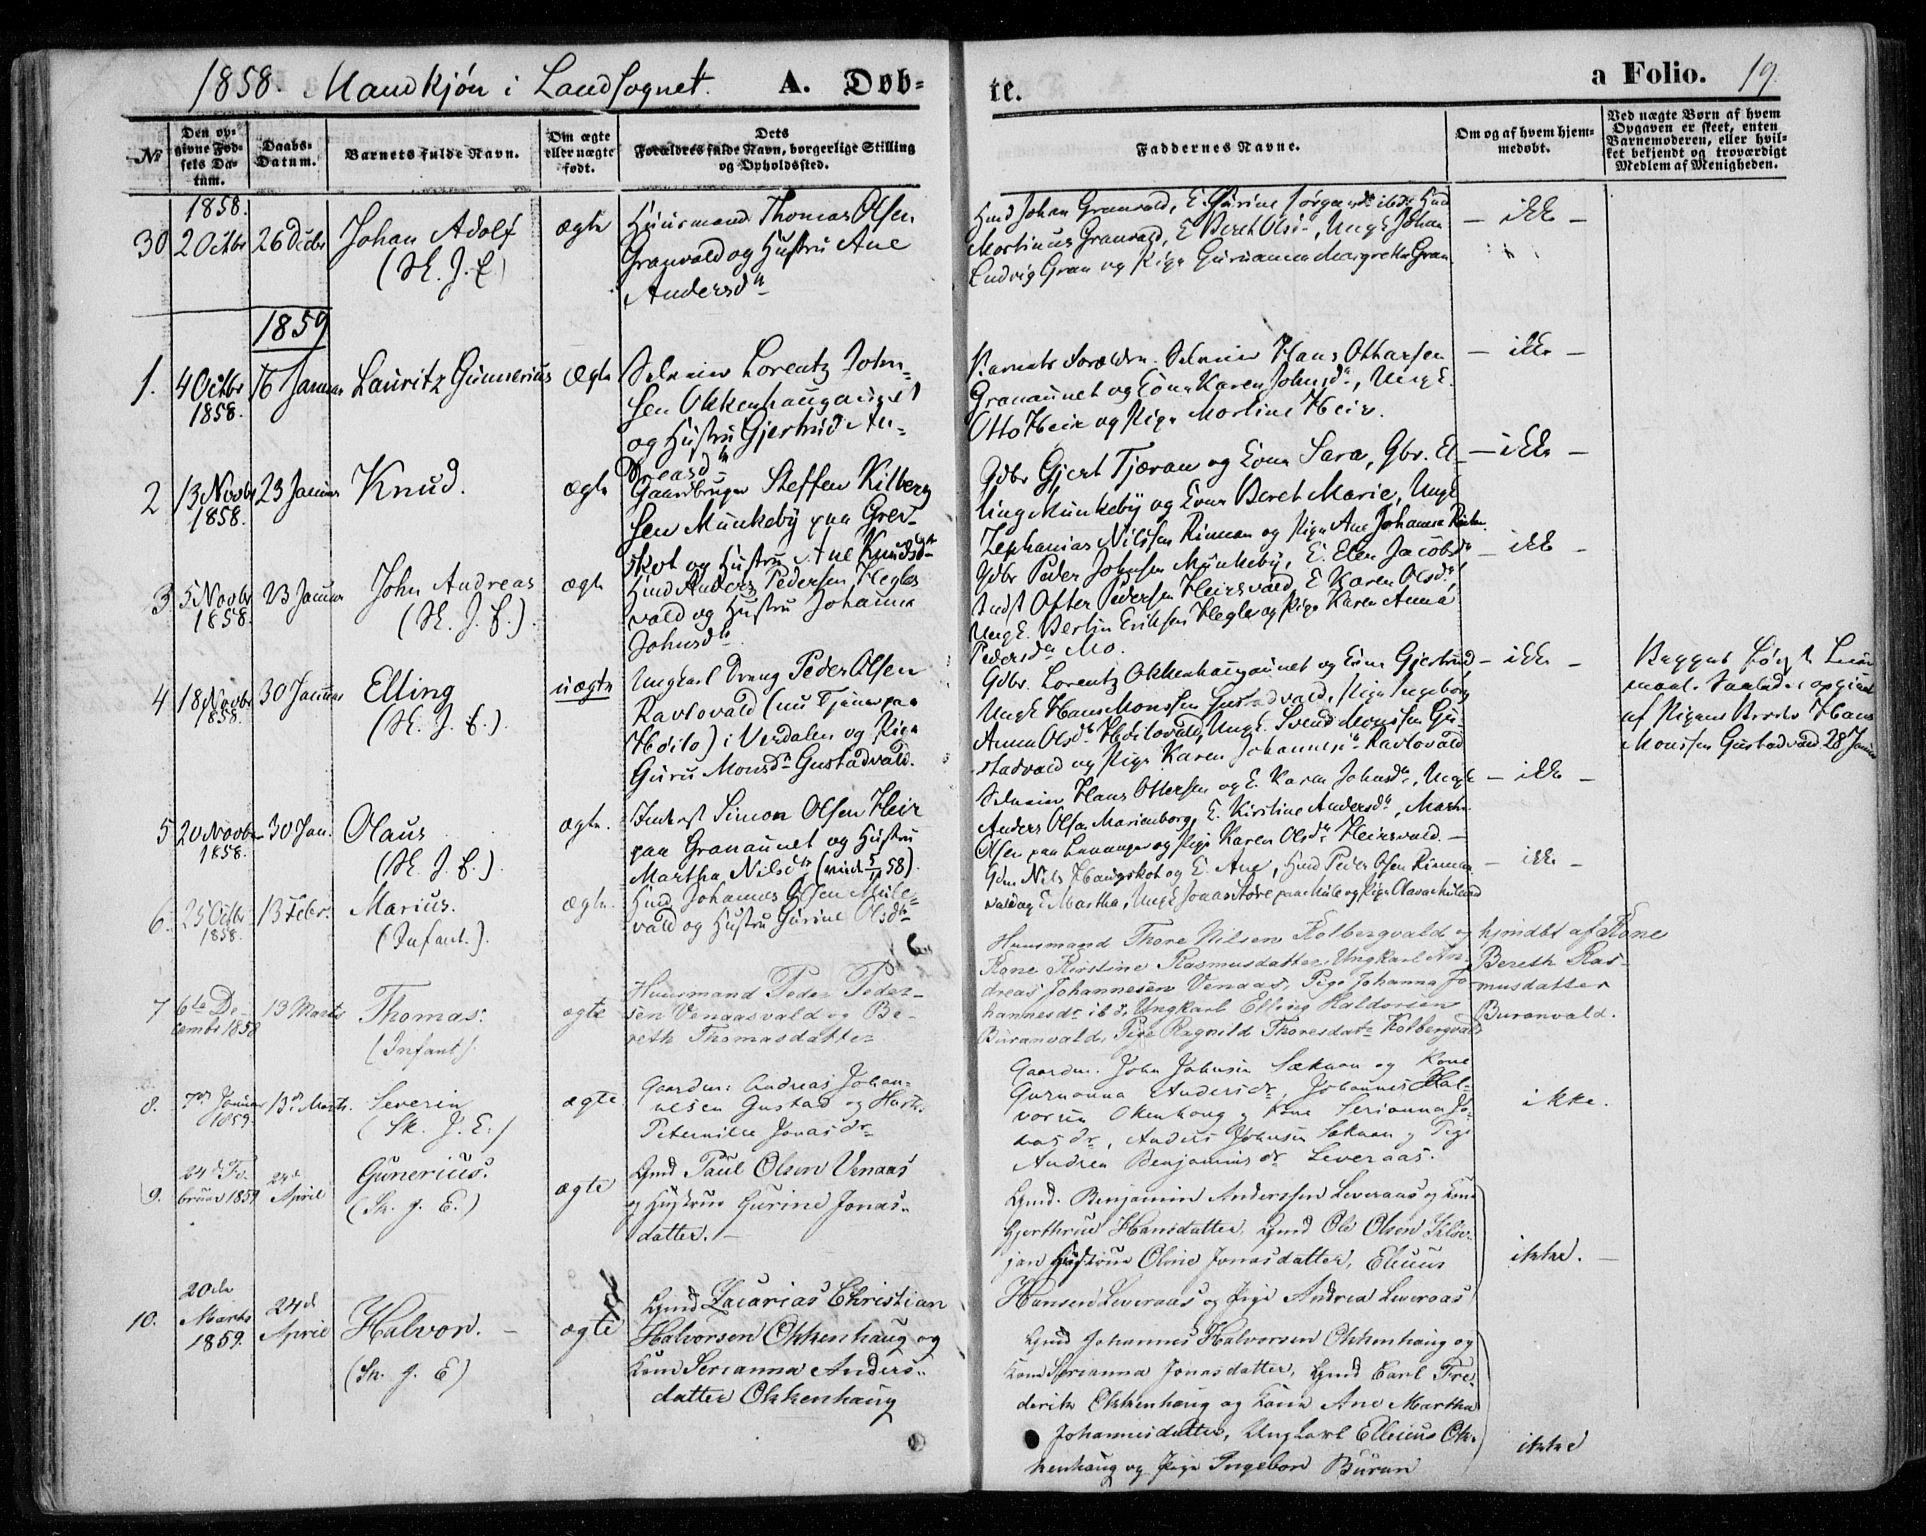 SAT, Ministerialprotokoller, klokkerbøker og fødselsregistre - Nord-Trøndelag, 720/L0184: Ministerialbok nr. 720A02 /2, 1855-1863, s. 19